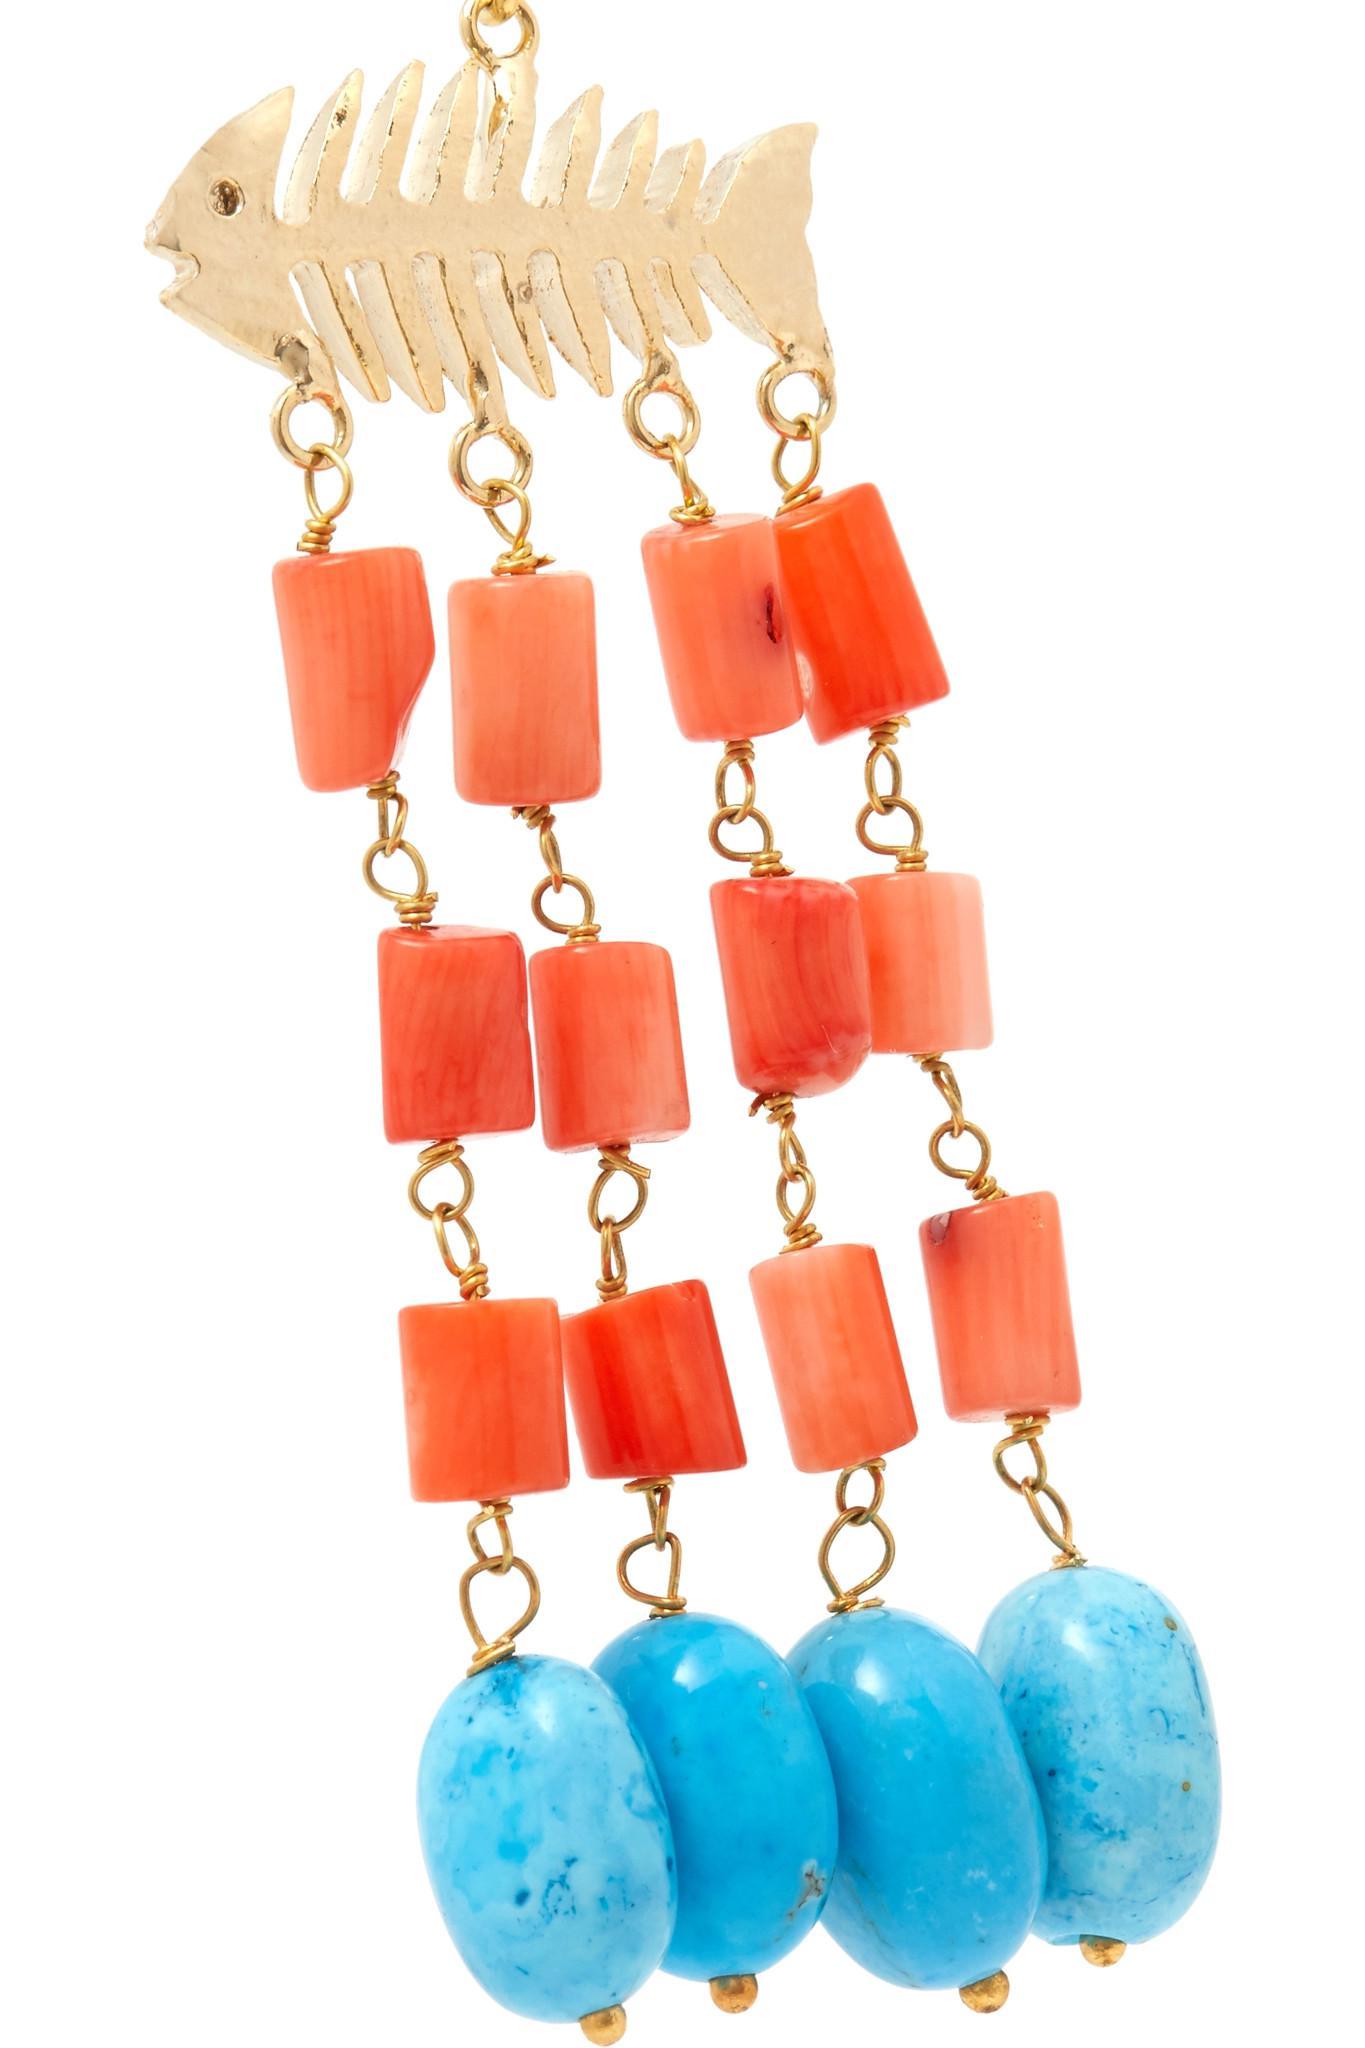 Rosantica Saona Gold-tone Beaded Earrings - Coral t68rID